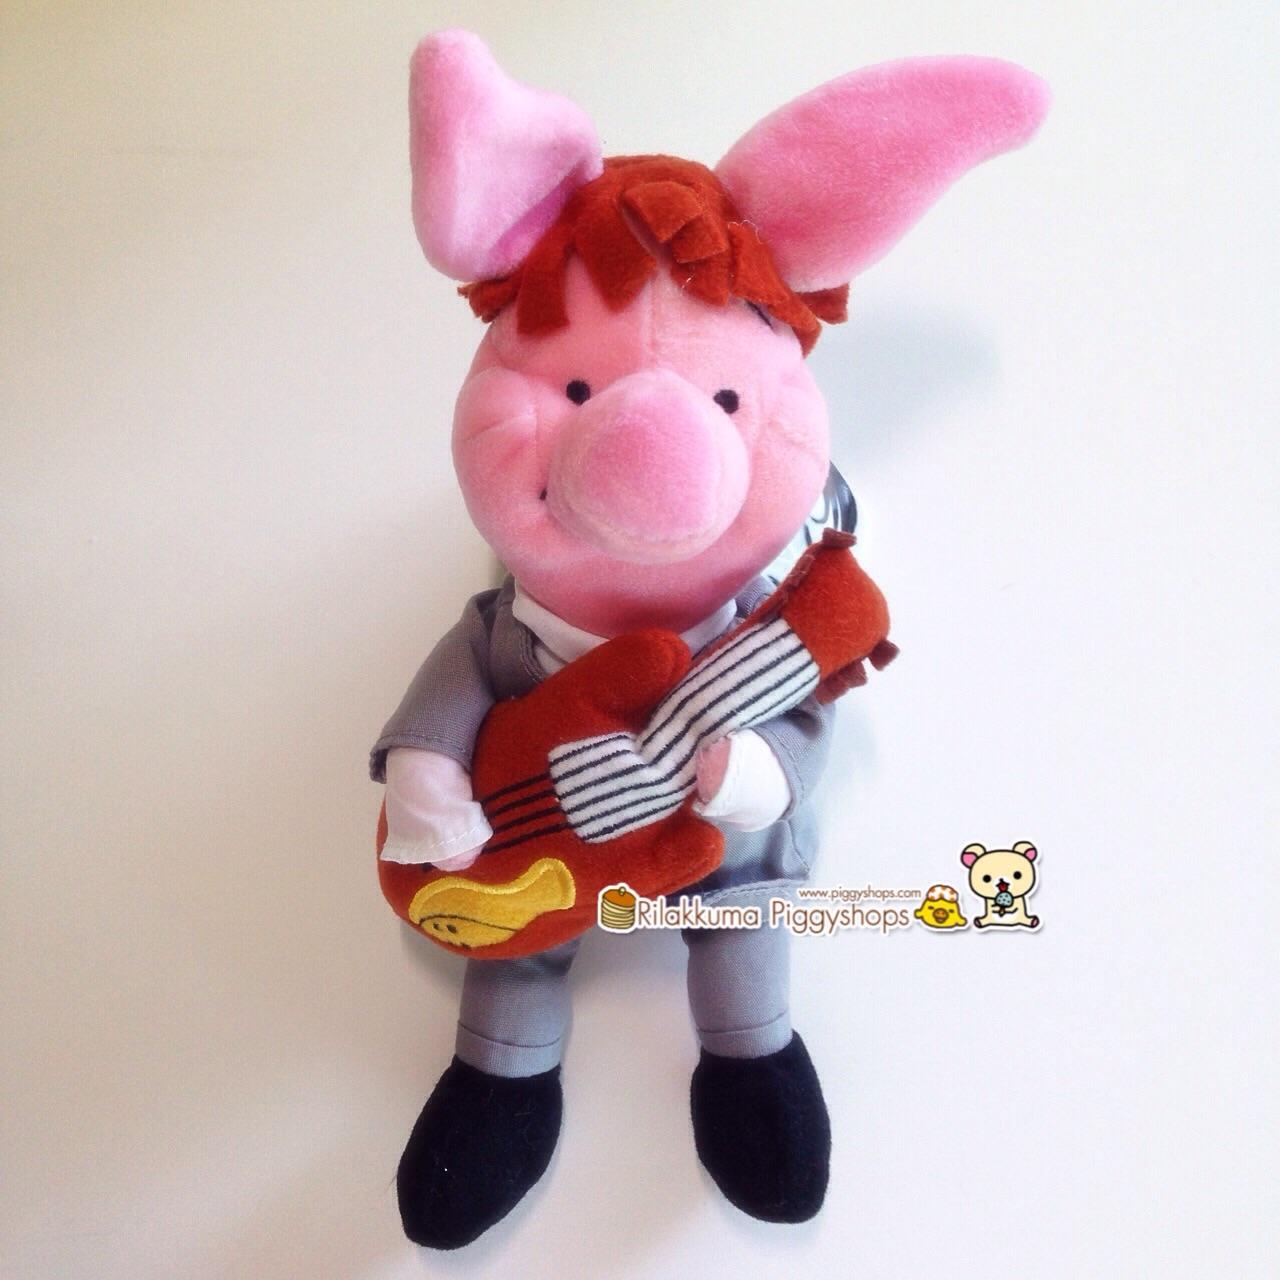 ตุ๊กตาพิกเล็ตเพื่อนหมีพูห์ ยืนดีดกีต้าร์ Piglet play guitar of Winnie the pooh